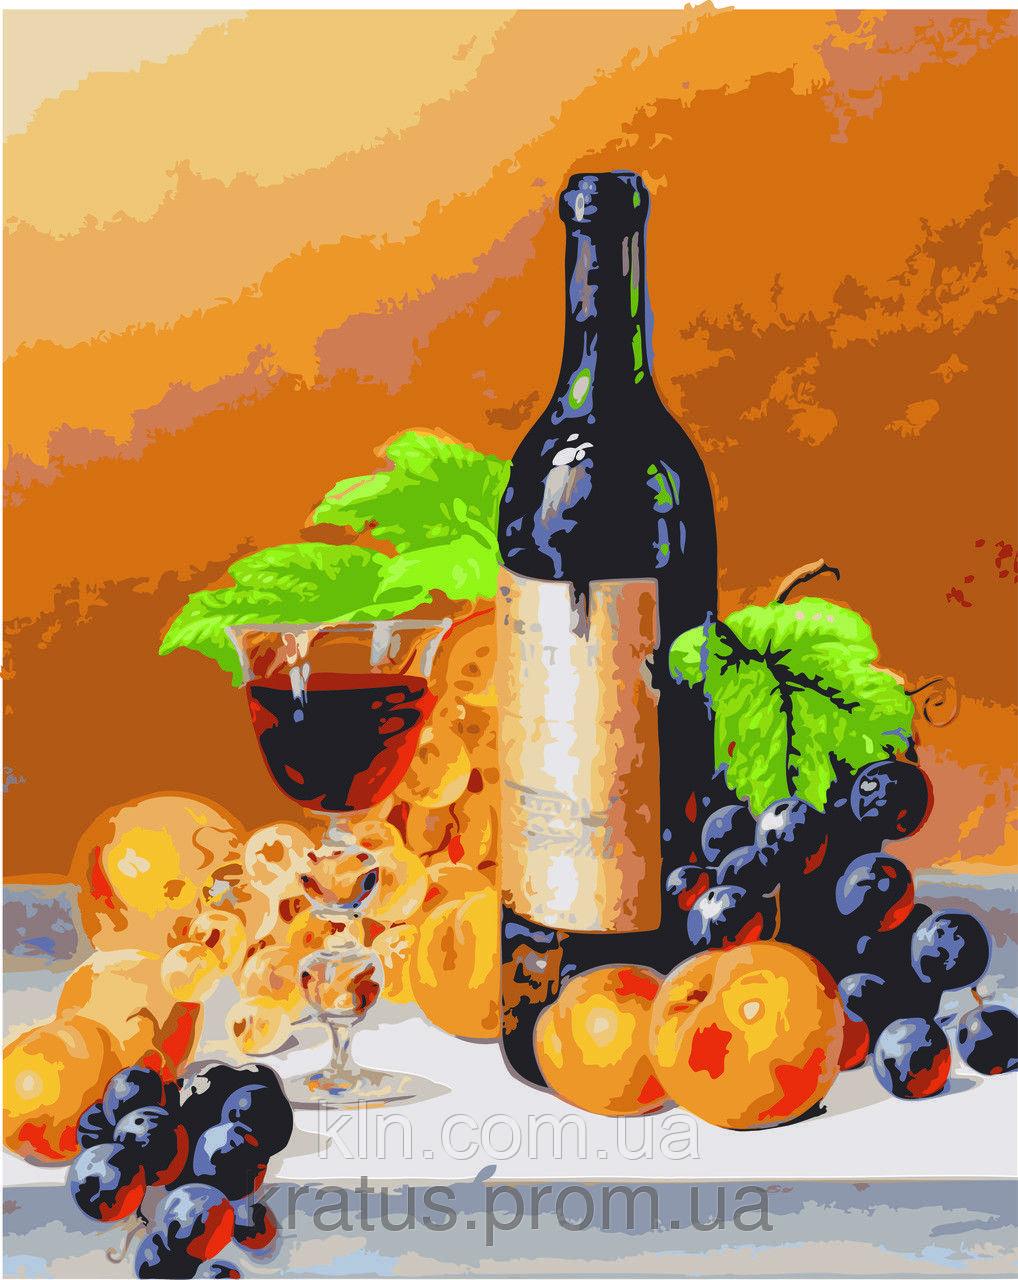 Картина по номерам Набор БЕЗ КРАСОК! КН2066 Аромат вина 40 х 50 см 950